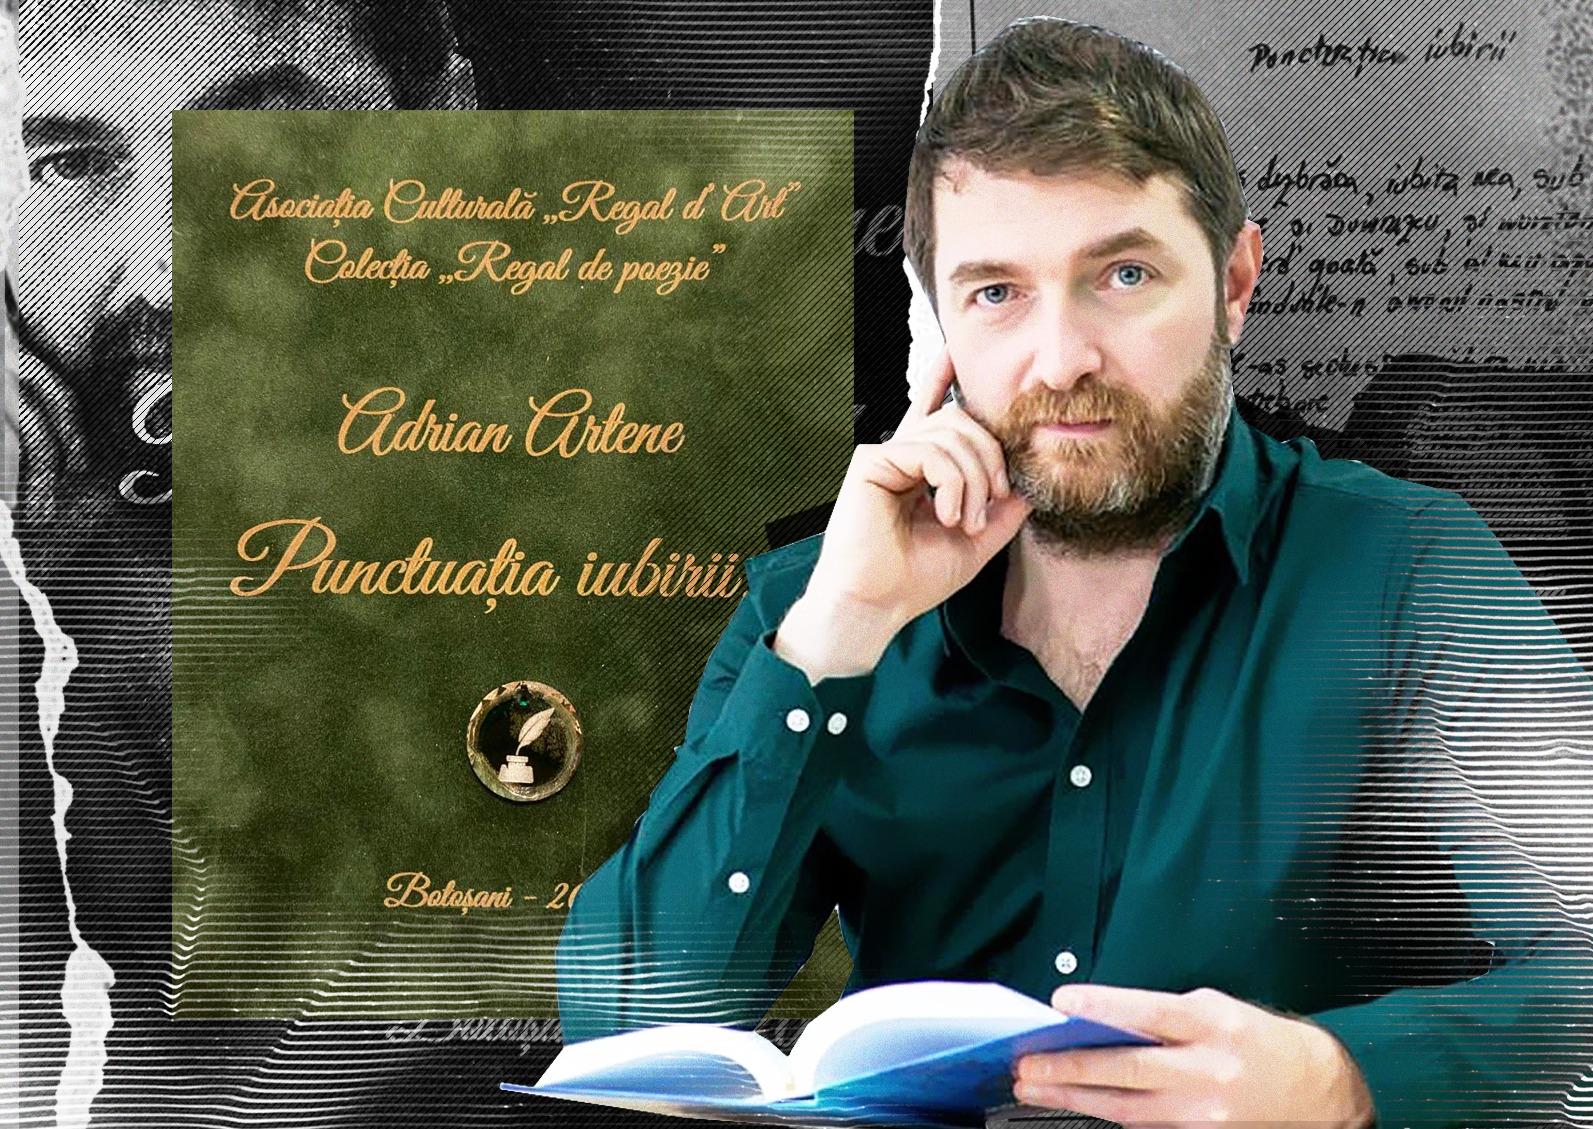 """""""Punctuația iubirii"""", noul volum de versuri semnat de Adrian Artene: """"Cuvintele nu îmbătrânesc! Nici anii nu le cuprind!"""" - Cancan.ro"""